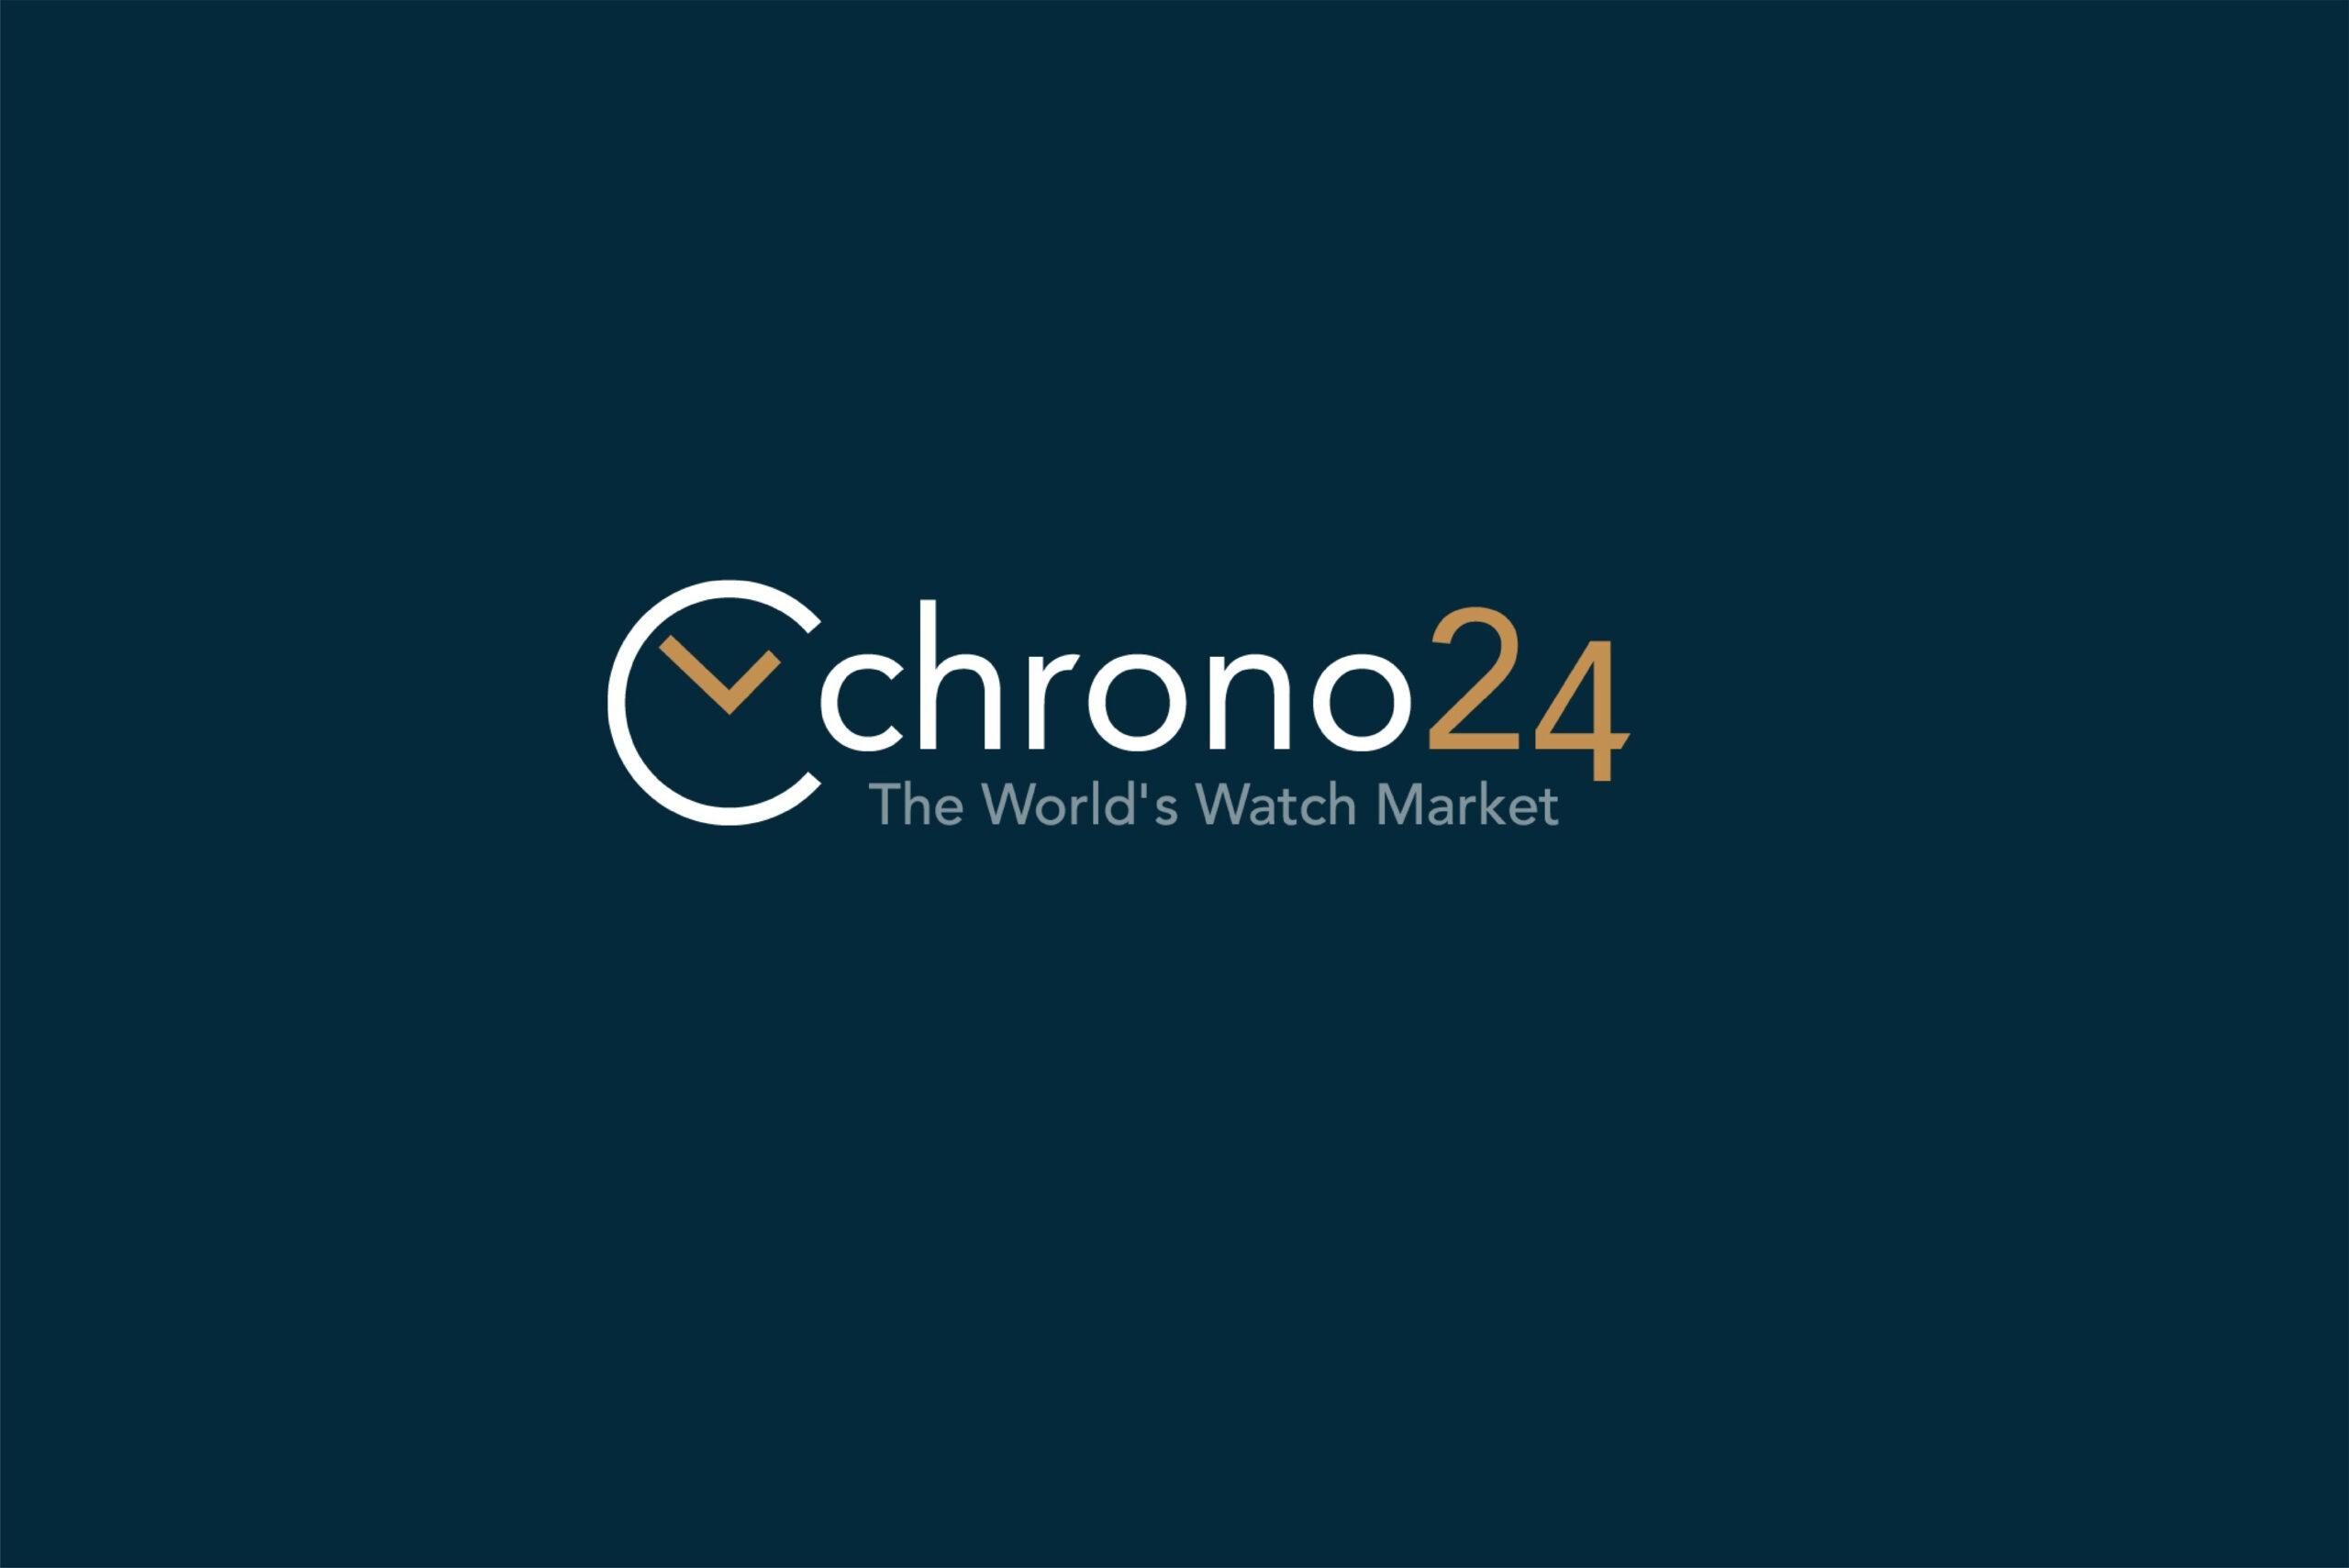 suivre ma commande CHRONO24.FR - suivi de commande CHRONO24.FR - suivre mon colis CHRONO24.FR